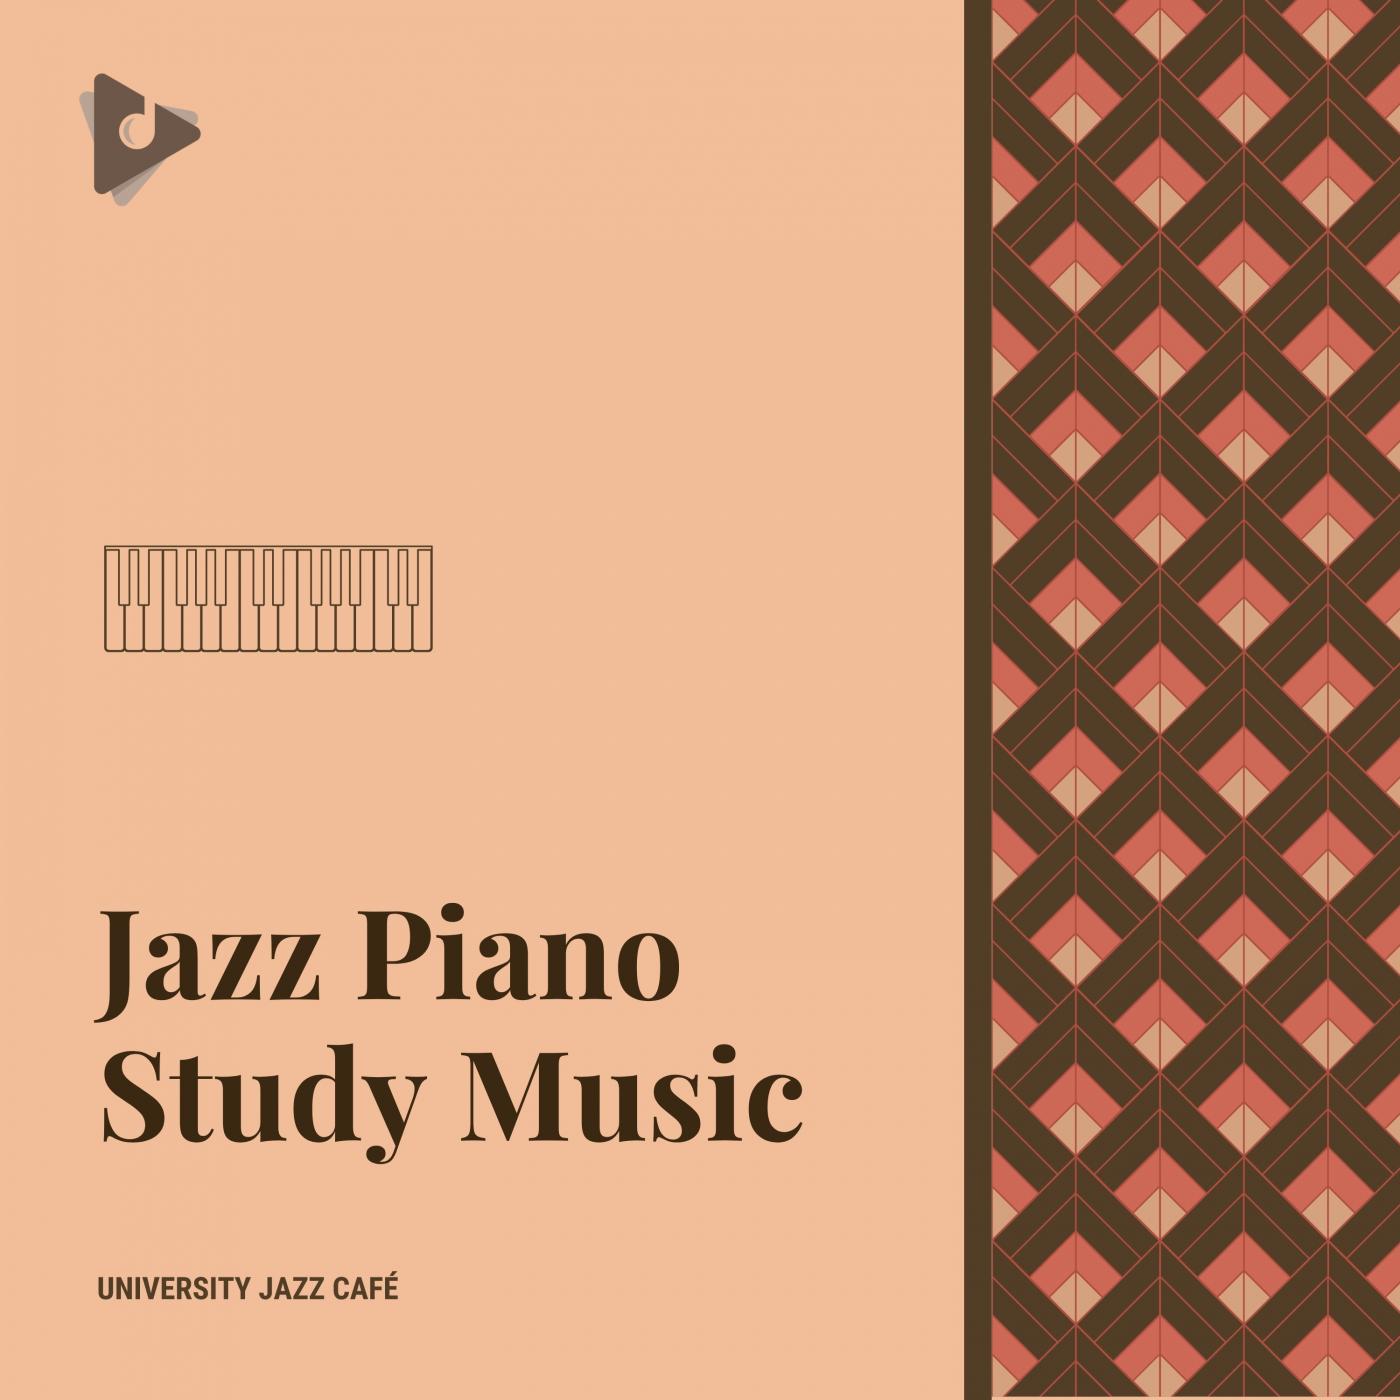 Jazz Piano Study Music